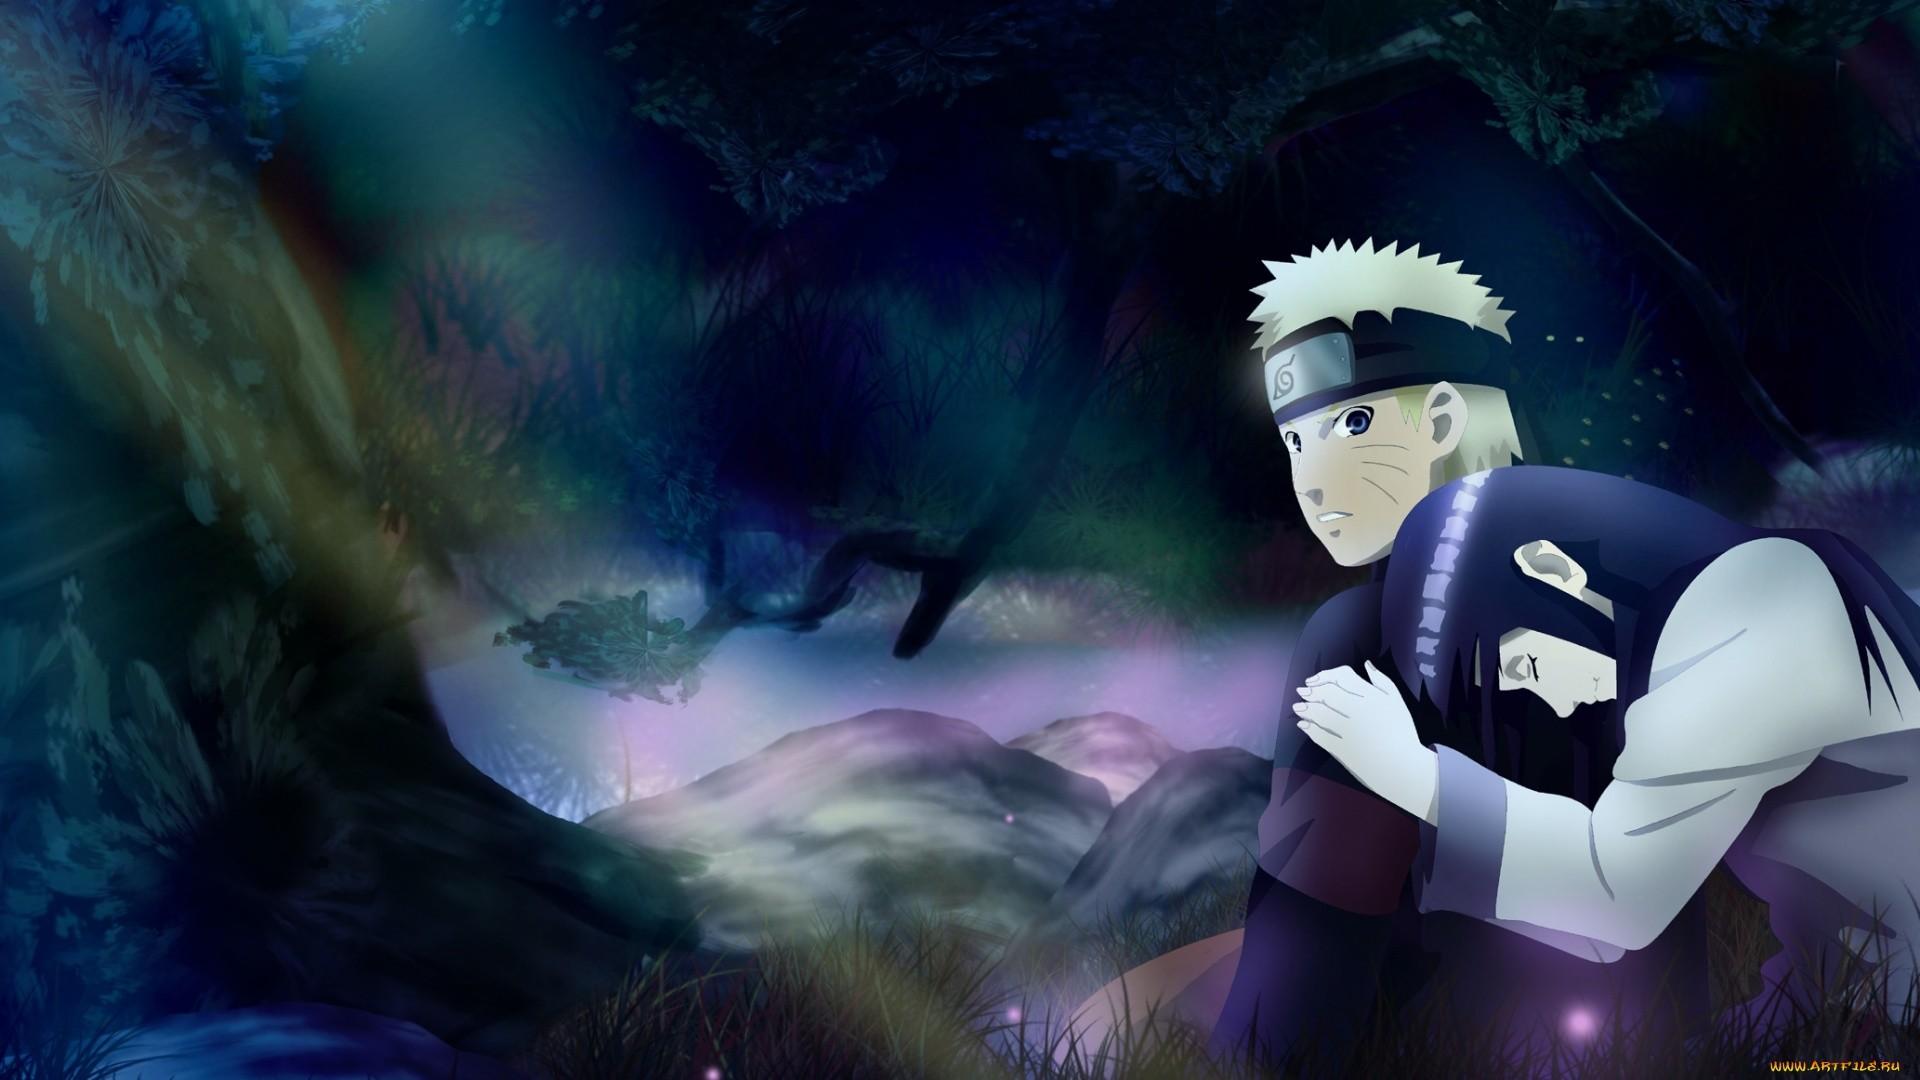 Naruto Y Hinata Wallpaper Biajingan Wall